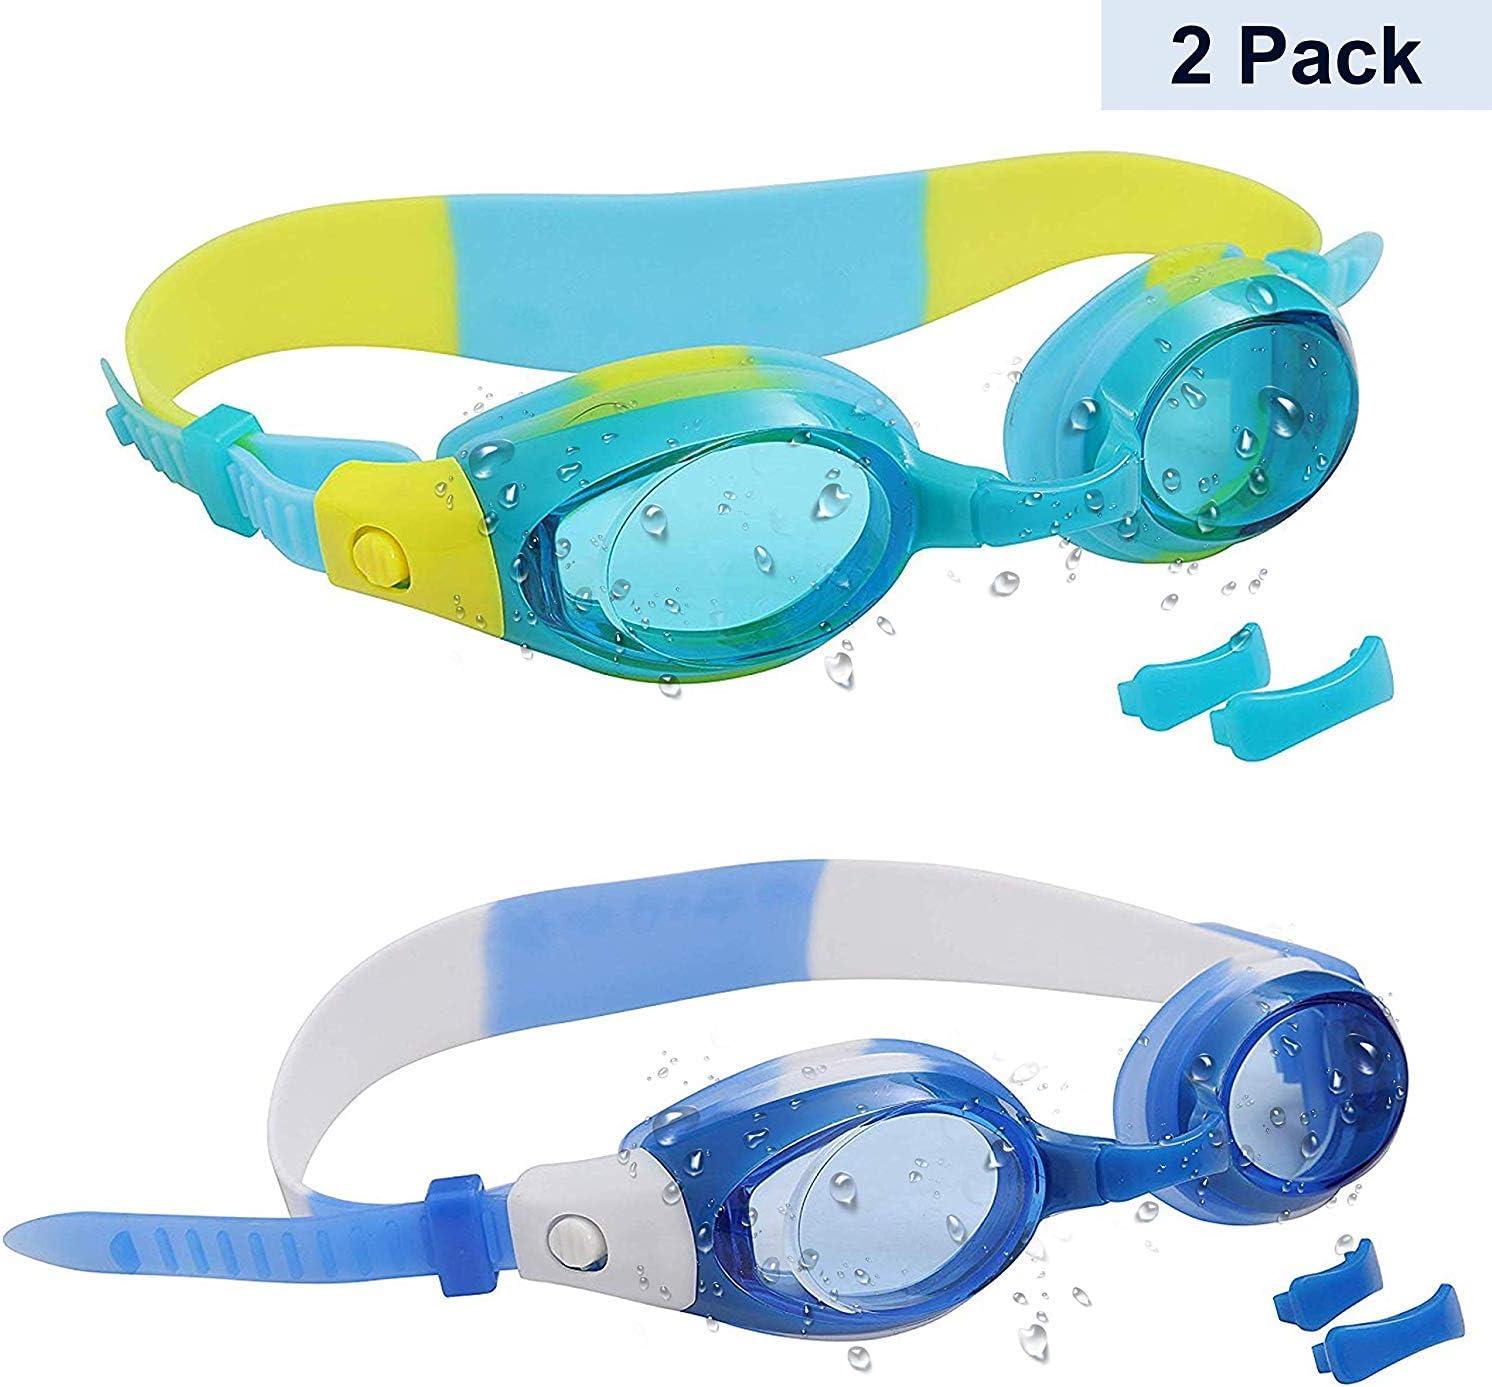 Pack de 2 Gafas de Natación Niños con 2 Pares de Puentes Nasales Ajustables - Júnior Gafas de Natación Protección UV para Niños, Niñas